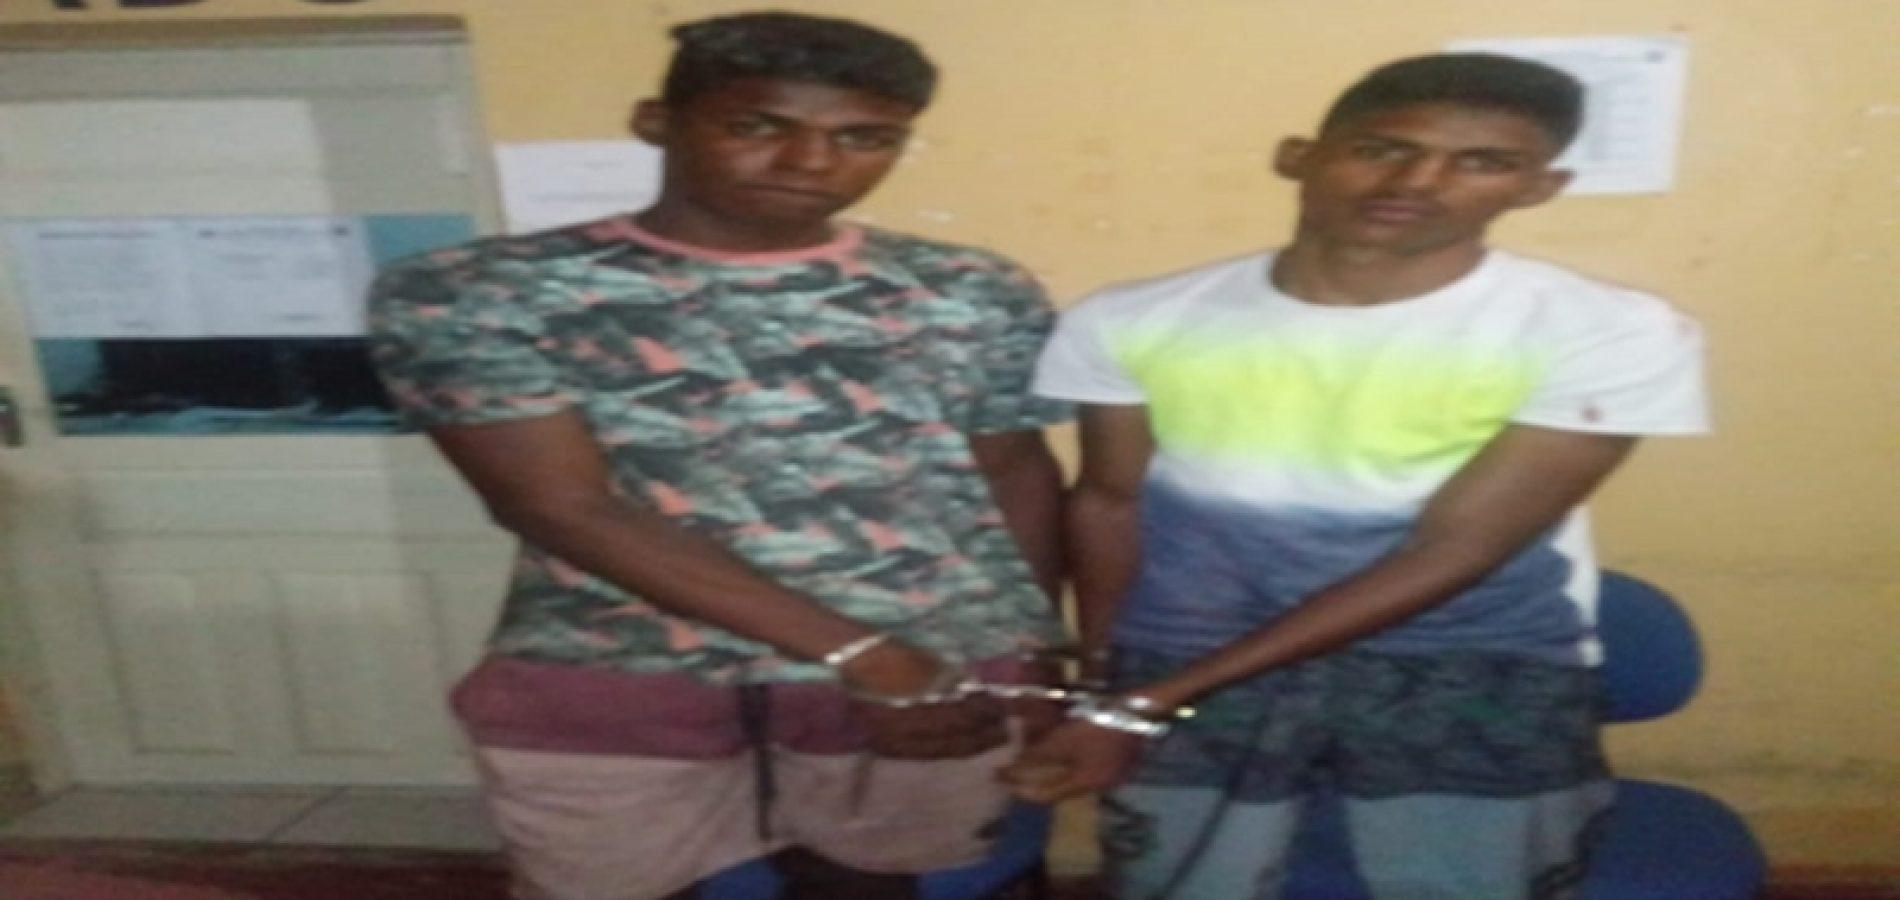 Irmãos são presos acusados de esfaquear três pessoas em bar no Piauí - Imagem 1